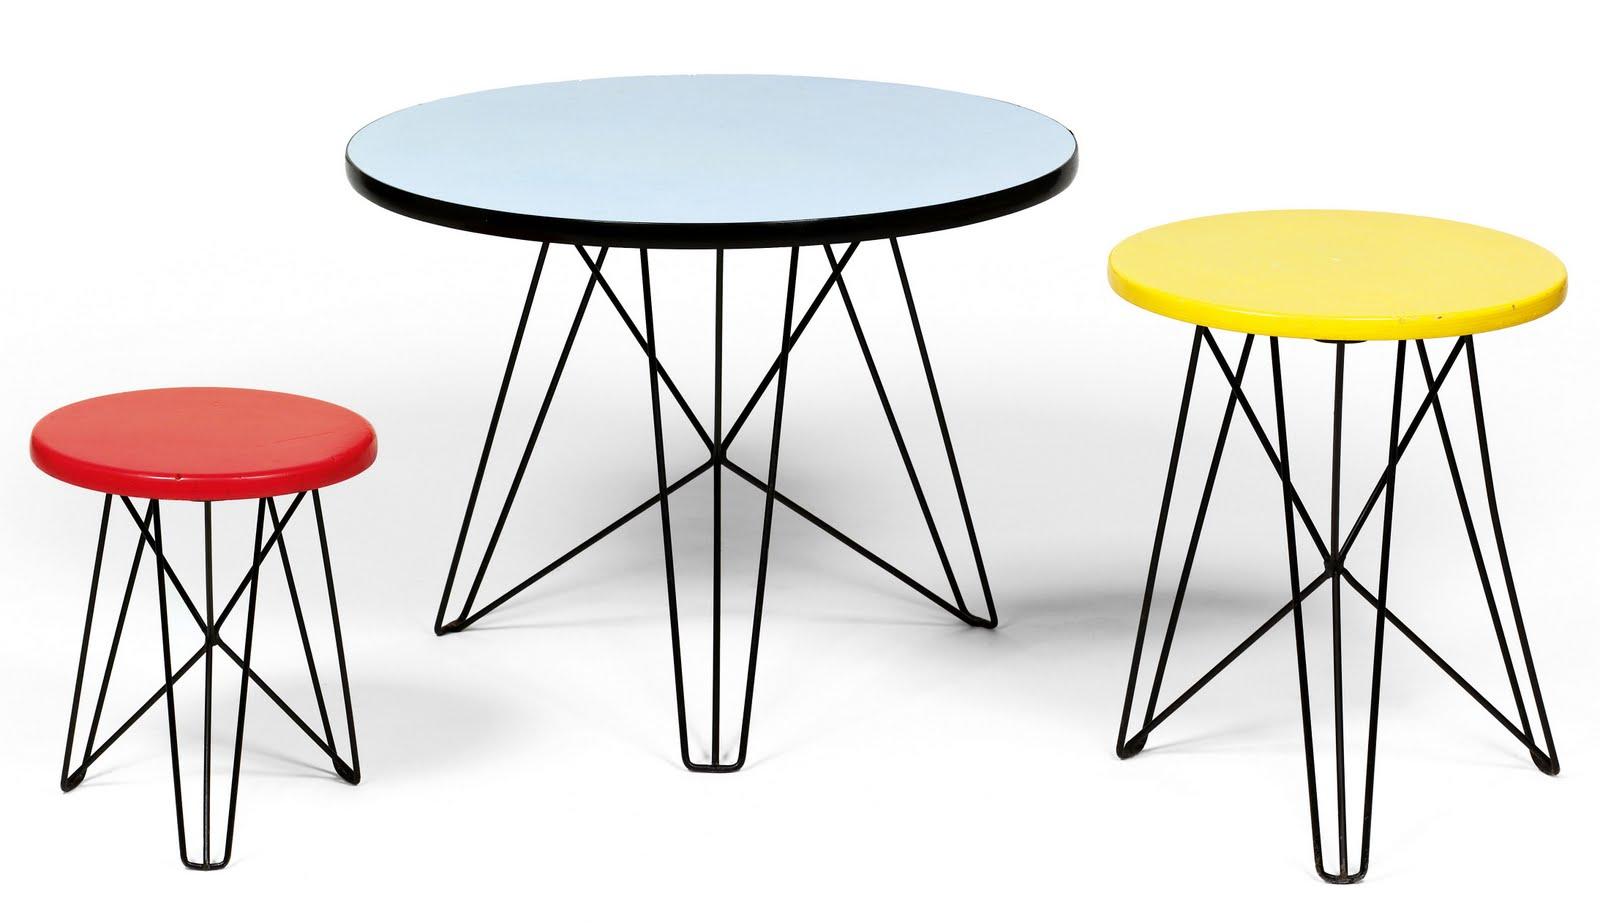 Constant van Nieuwenhuys Design. Constant van Nieuwenhuys Design   modern design by moderndesign org